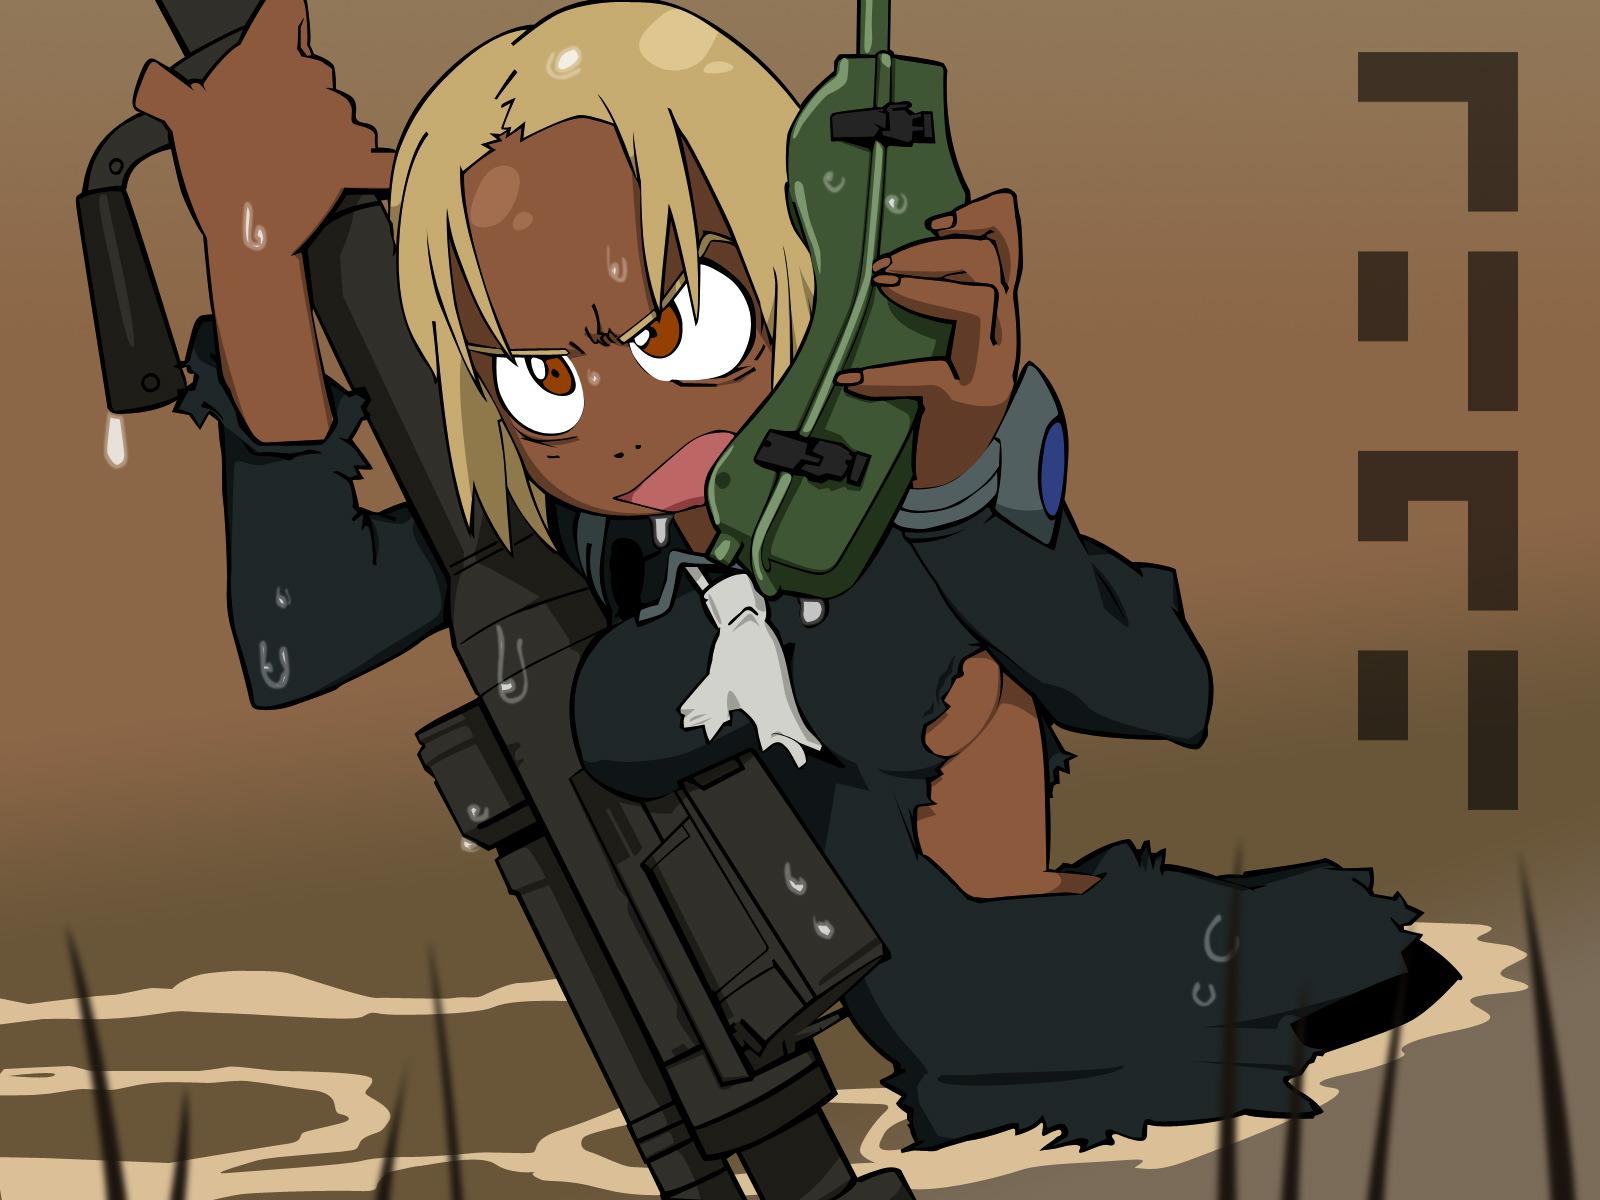 brown flcl gun kitsurubami phone water weapon